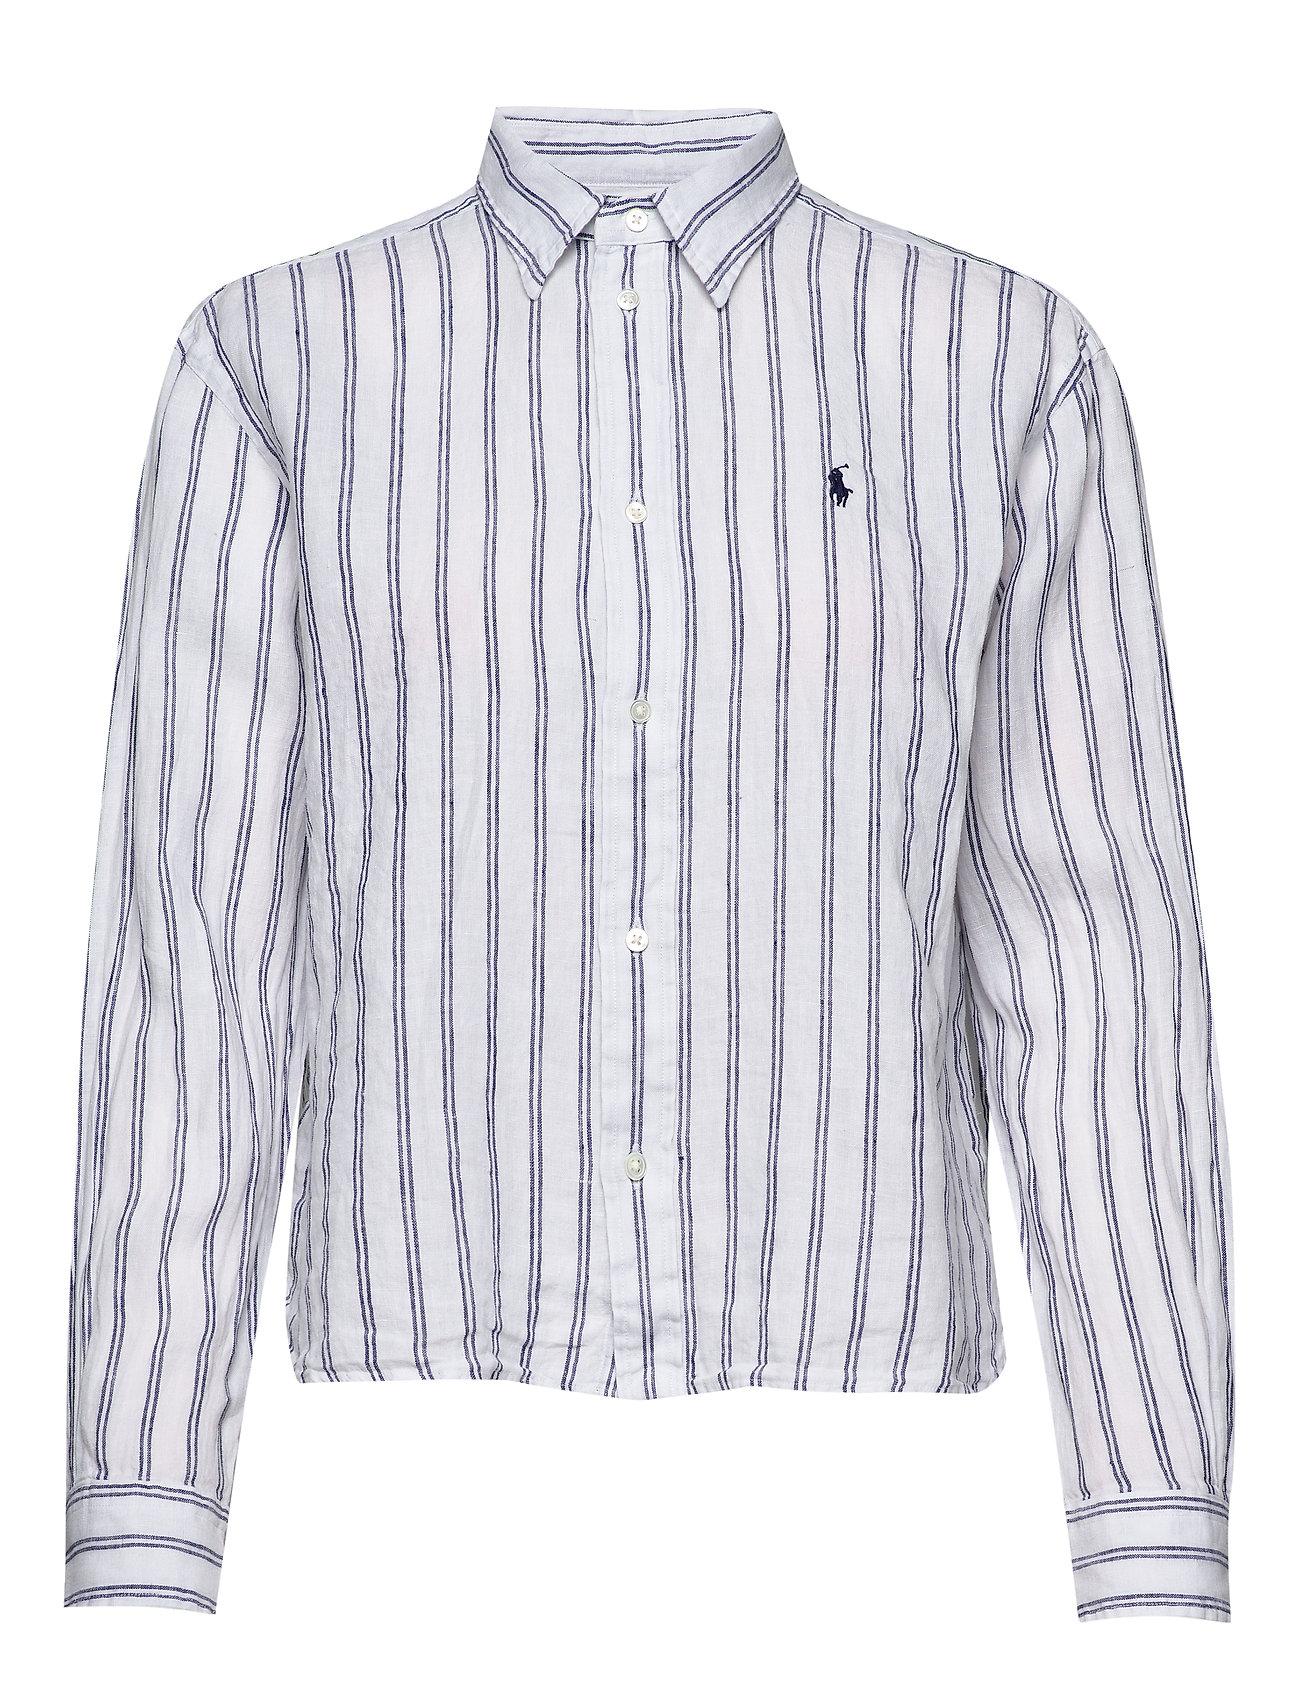 Polo Ralph Lauren Striped Linen Shirt - 780 WHITE/ROYAL B